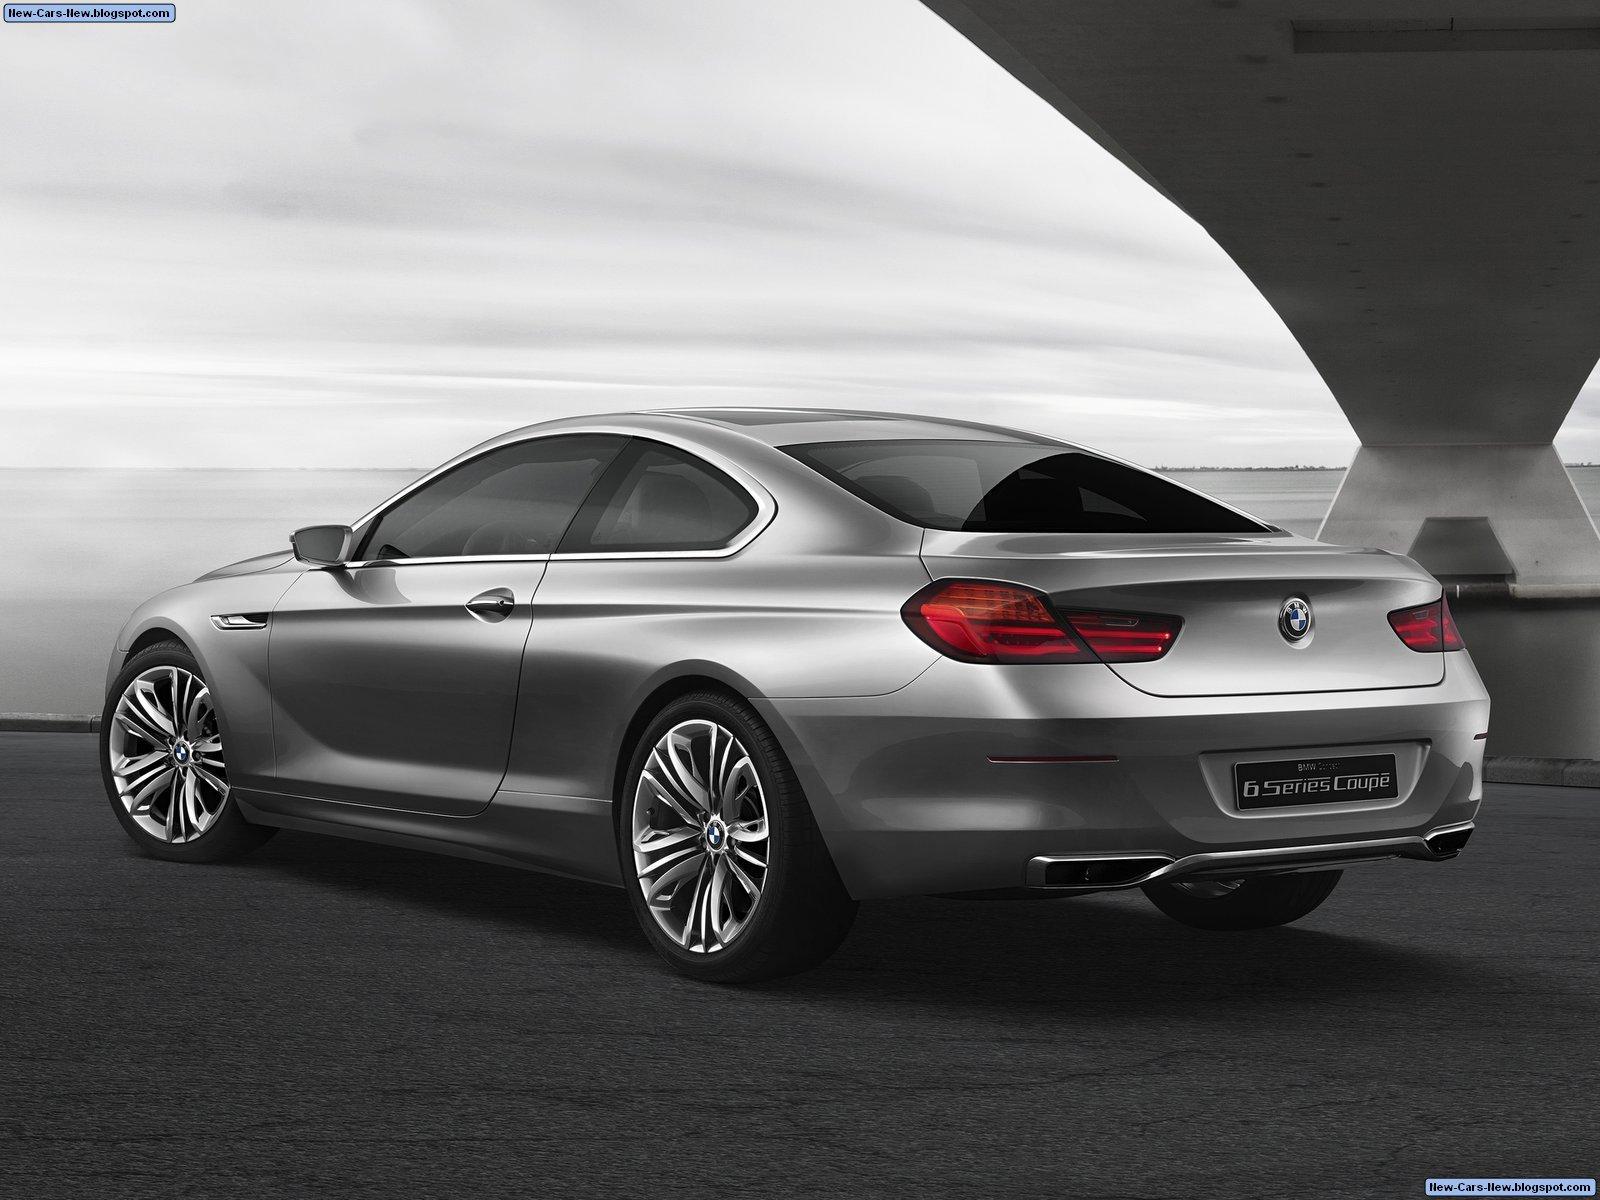 BMW 6-Series Coupe Concept (2010) << car modification